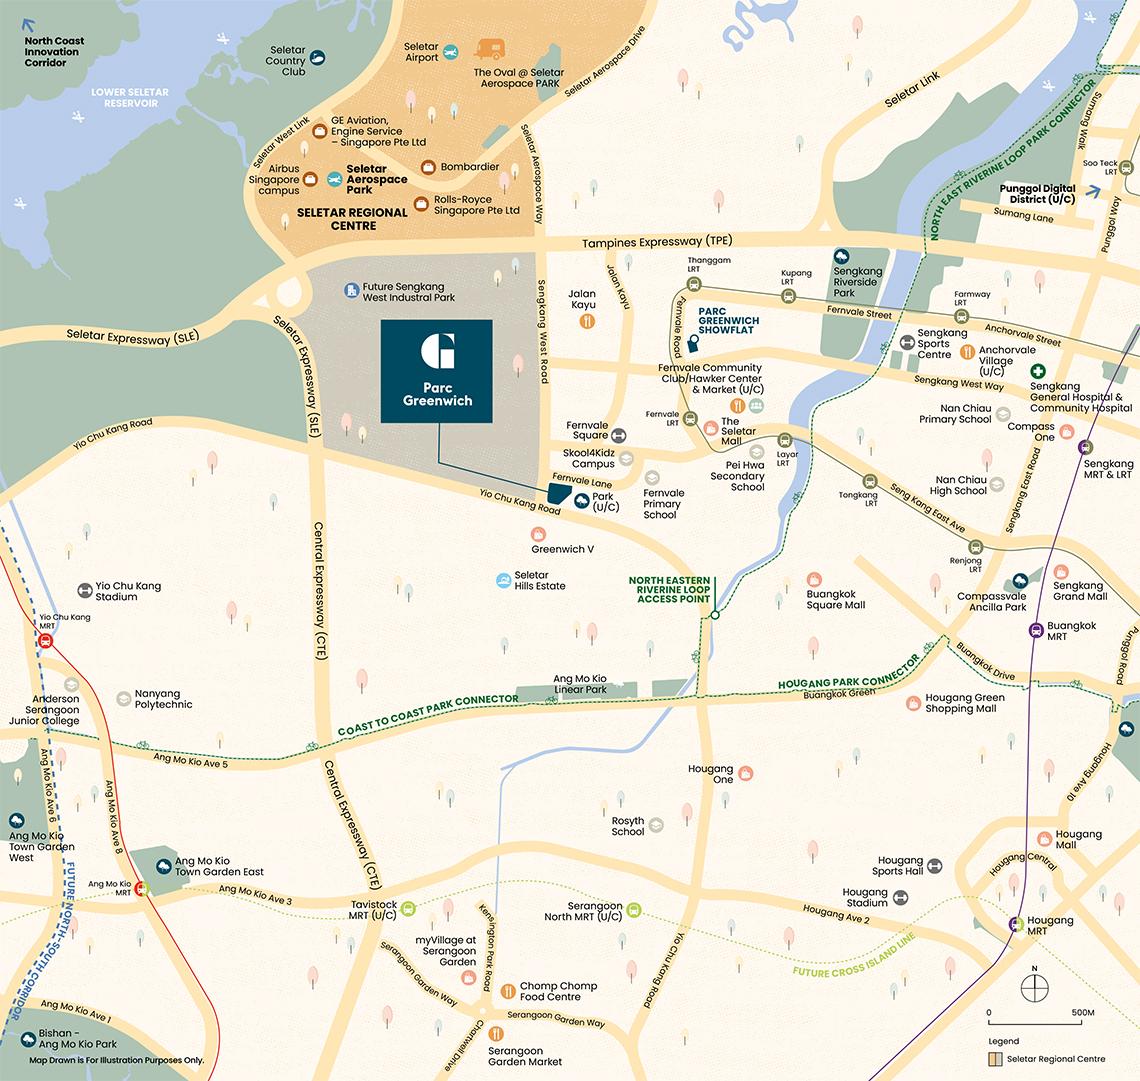 parc greenwich 797504 sglp33094390